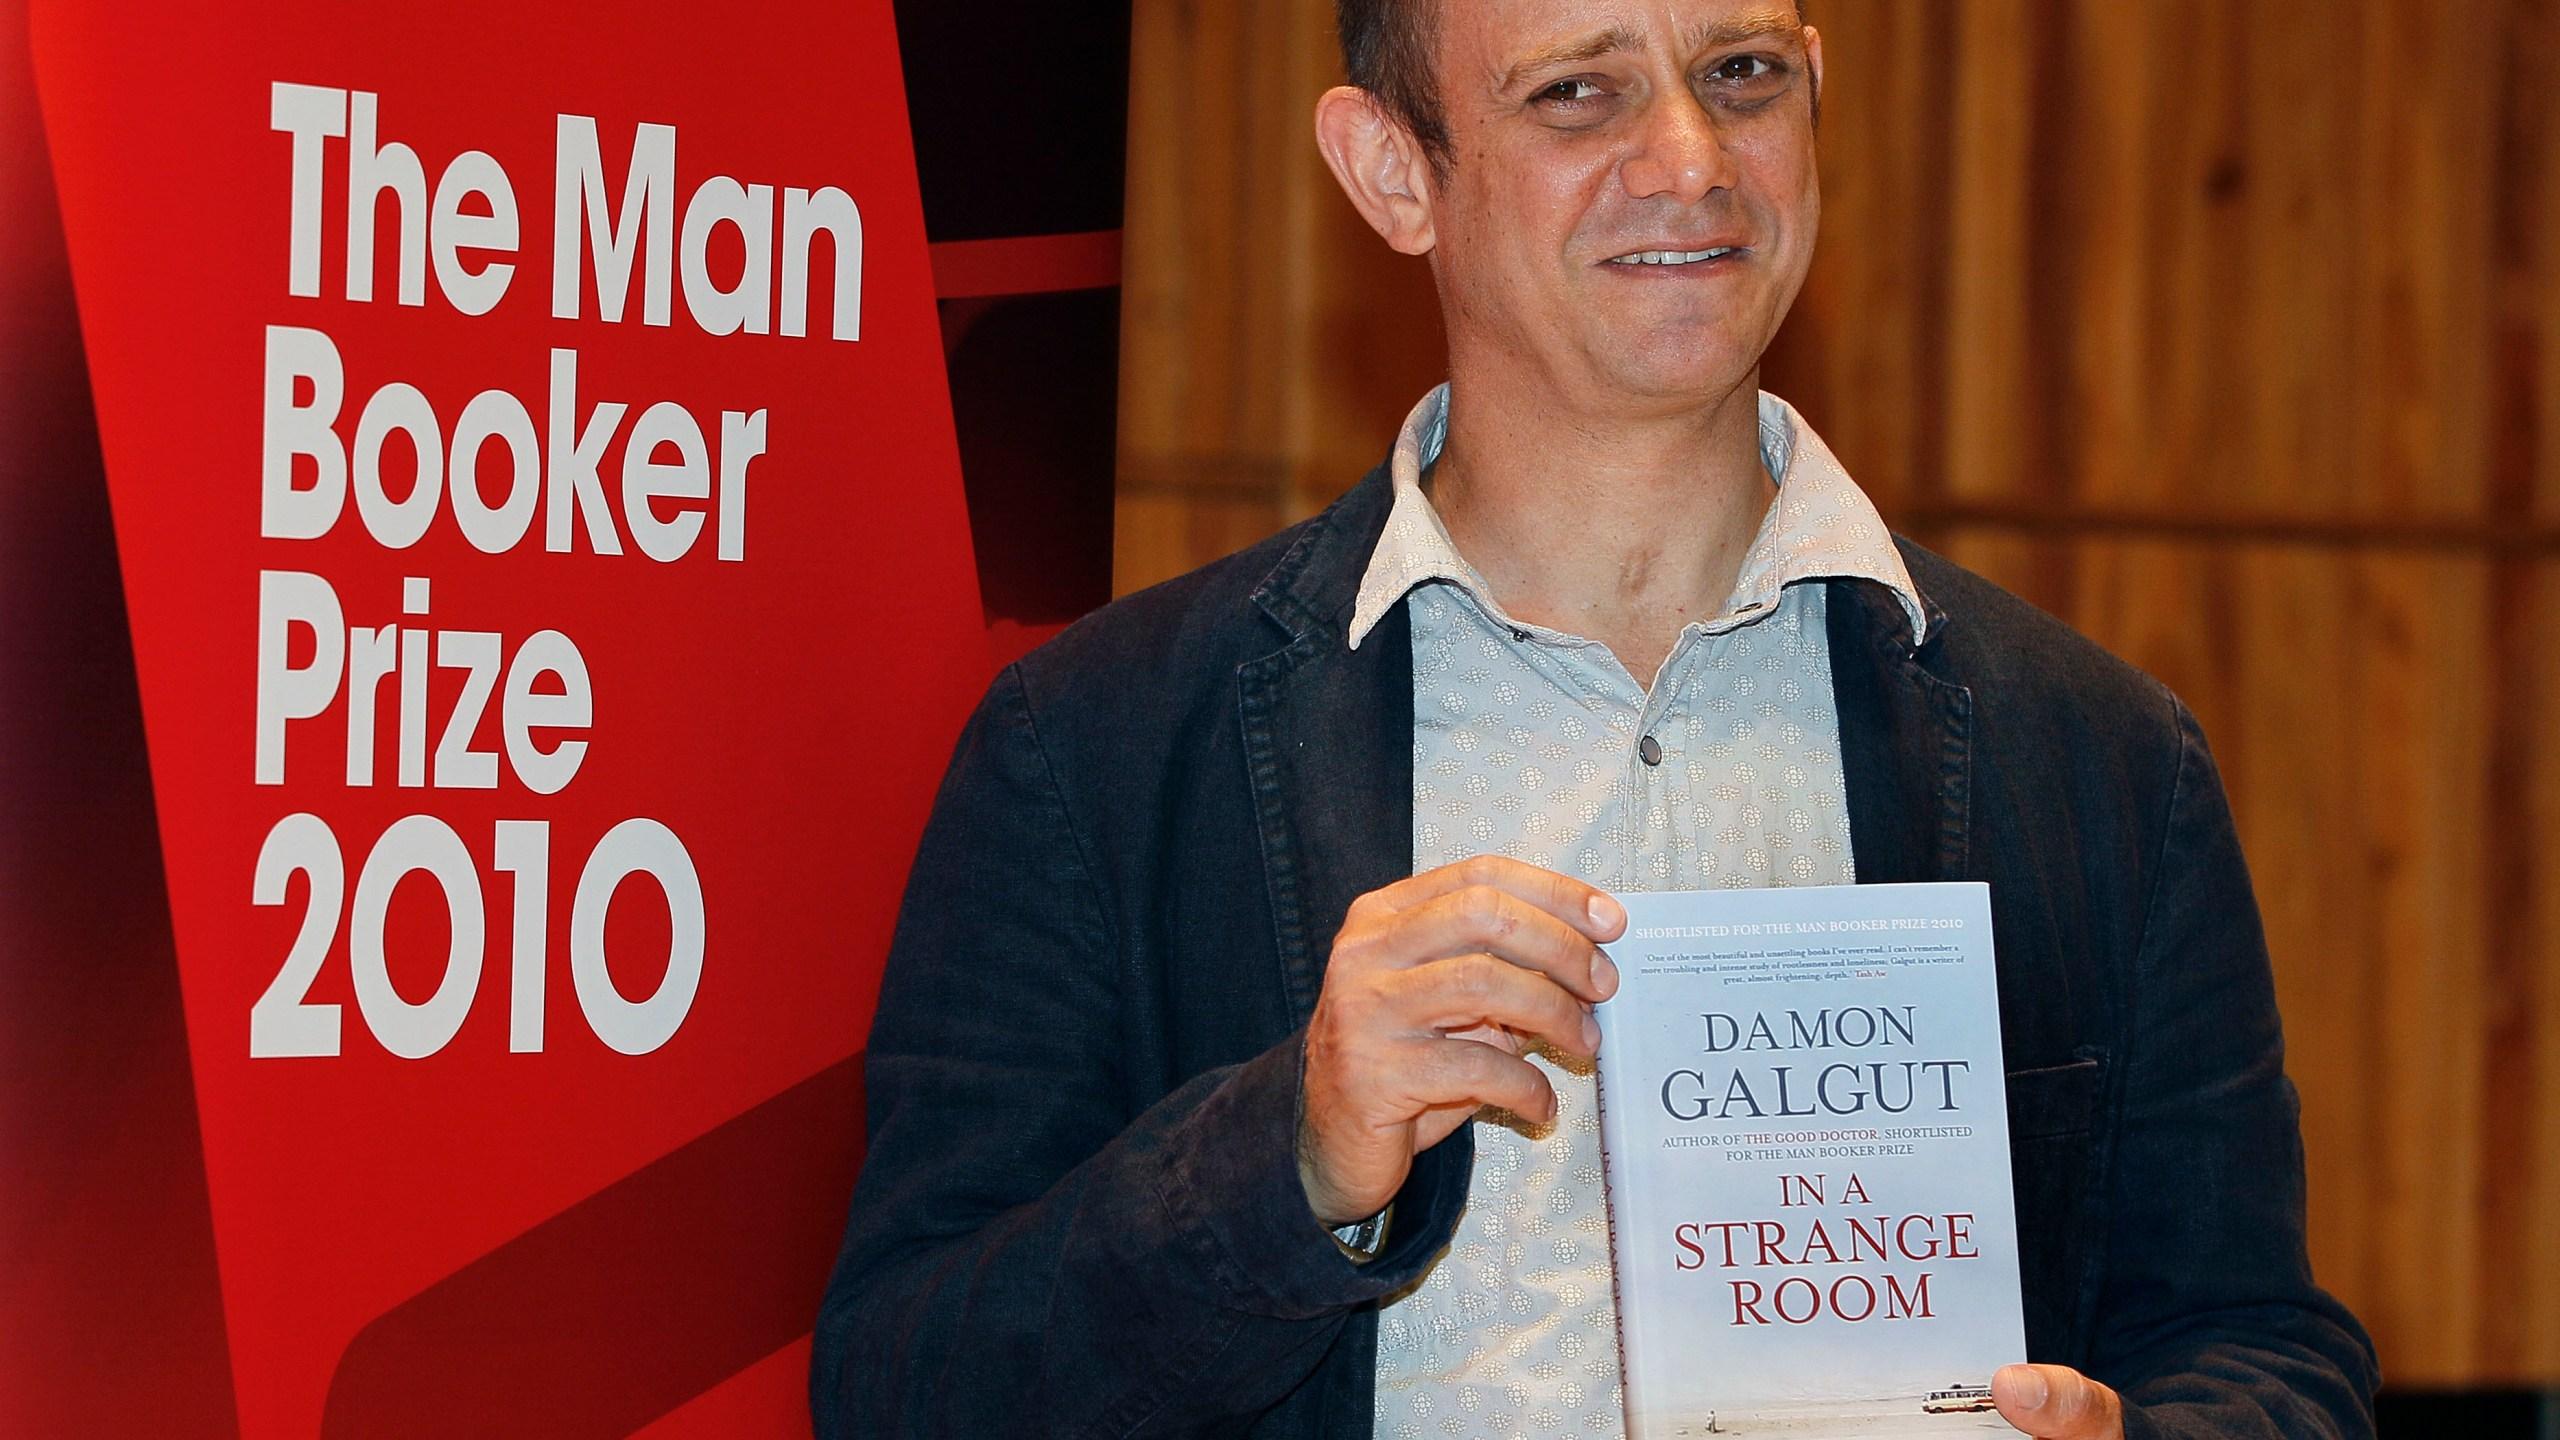 Damon Galgut